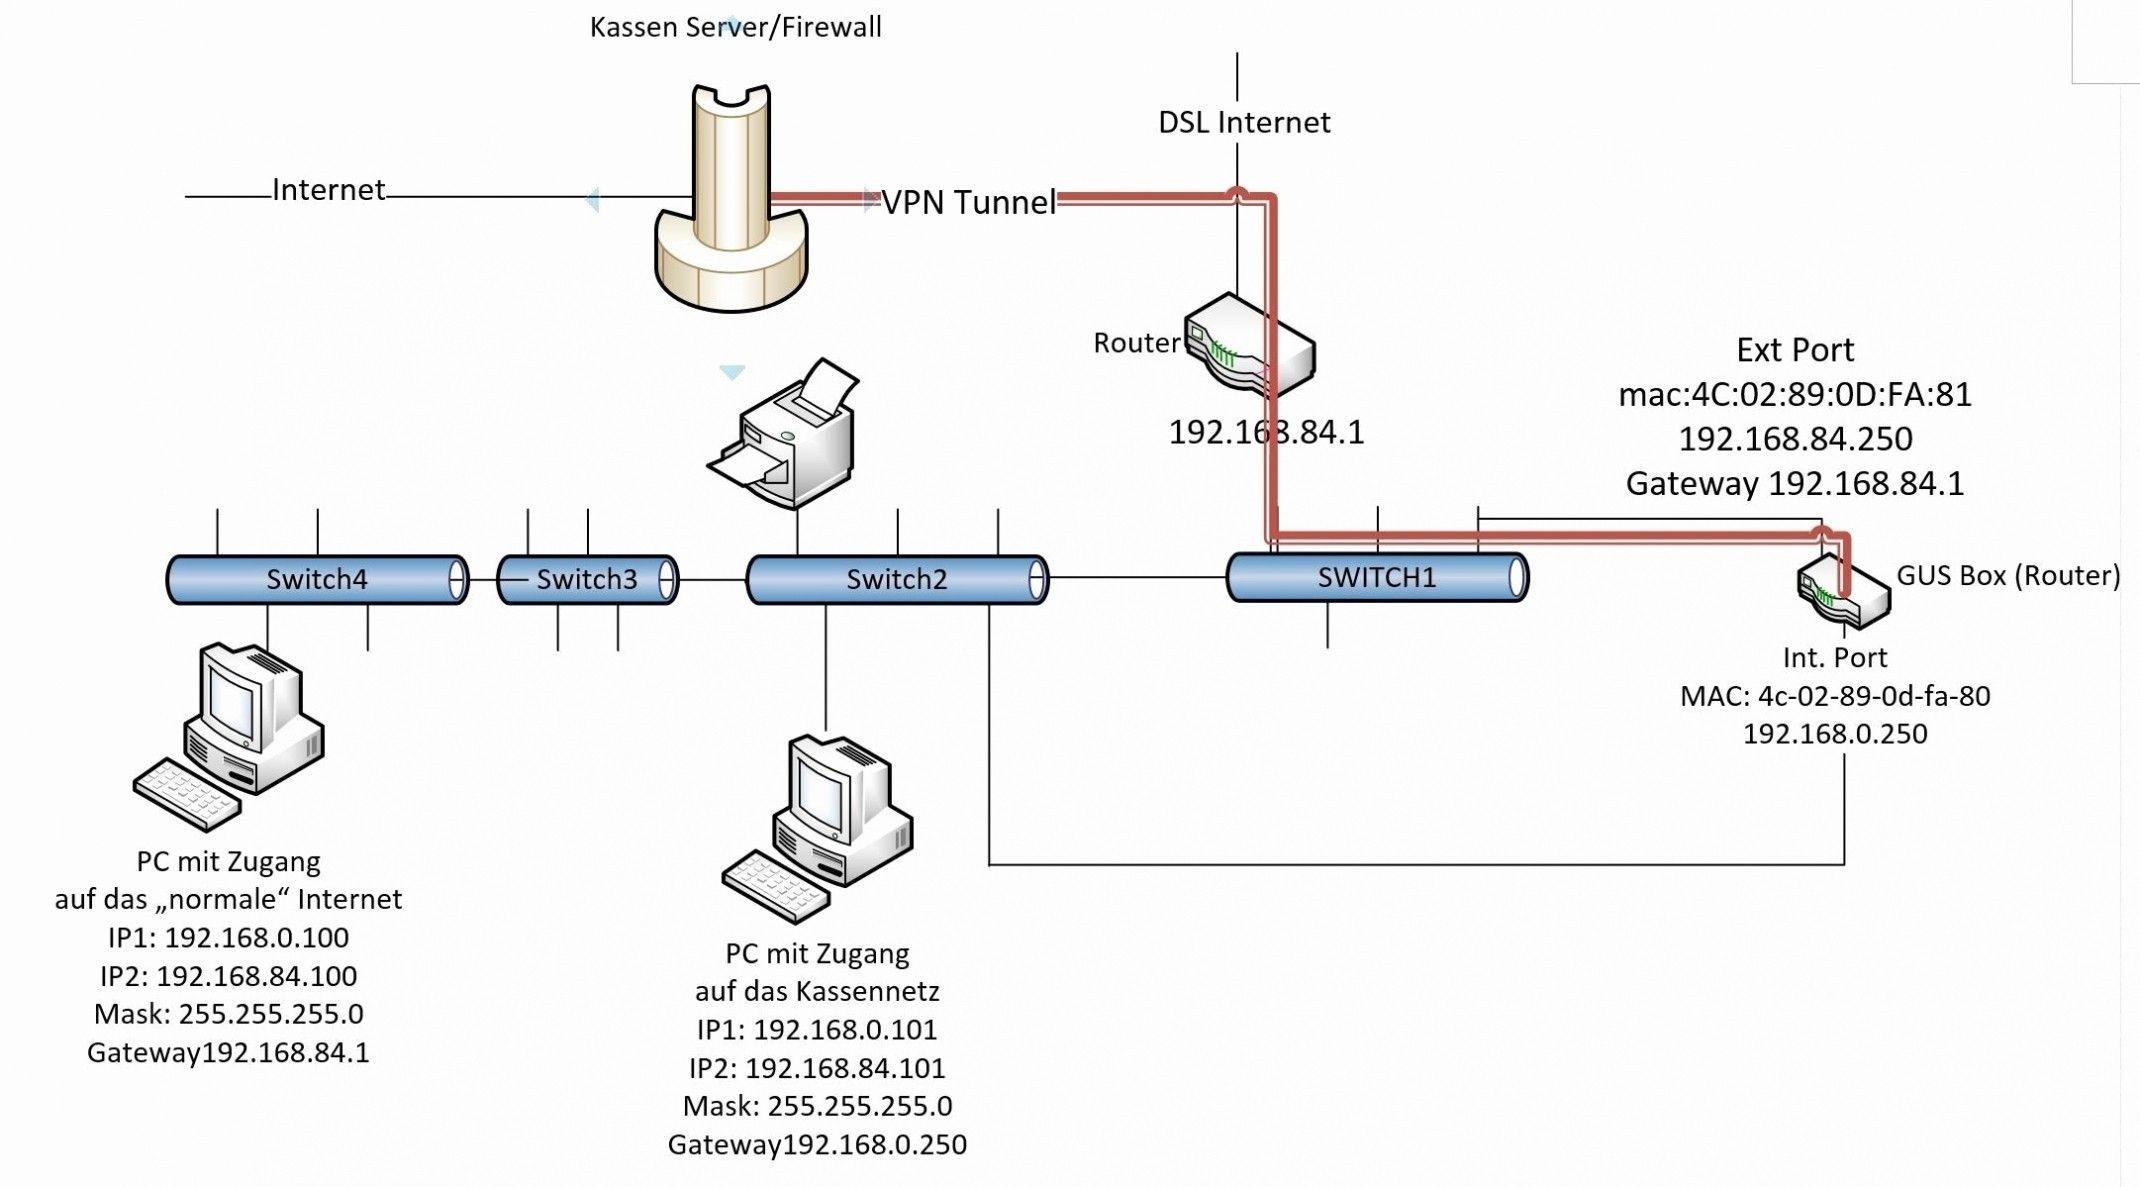 Diagram Of All Car Parts 9e546e7 Home Wiring Diagram software Mac Of Diagram Of All Car Parts